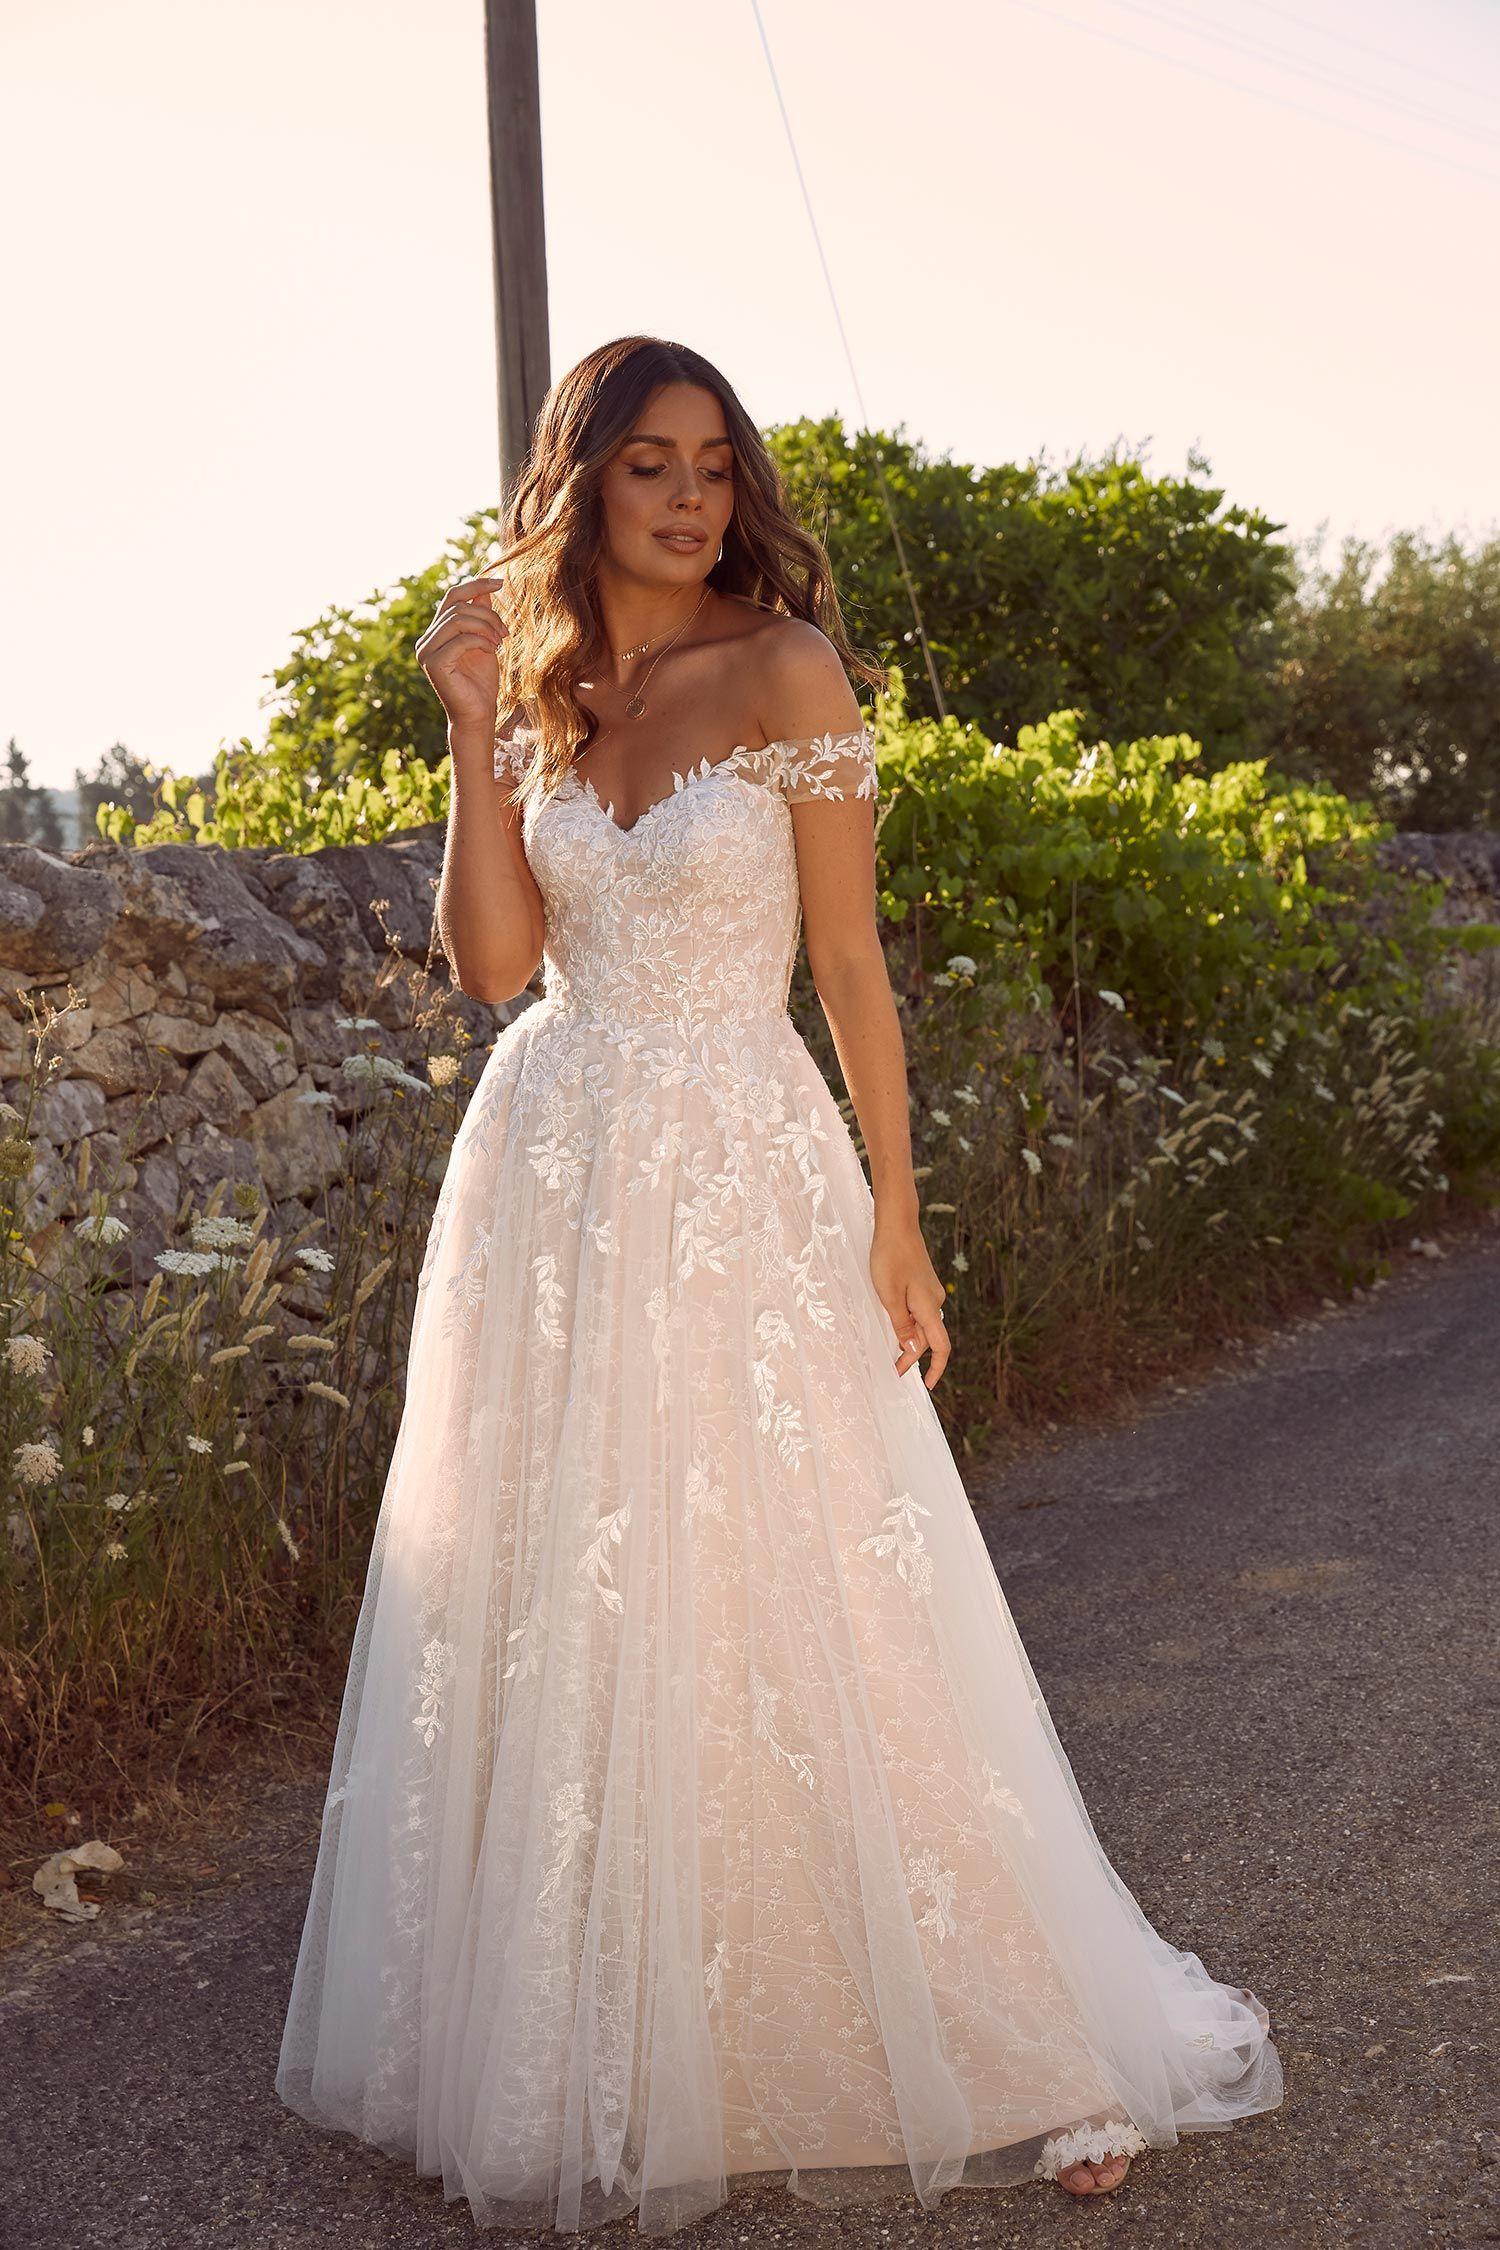 MARCHELLE in 2020 Pretty wedding dresses, Wedding